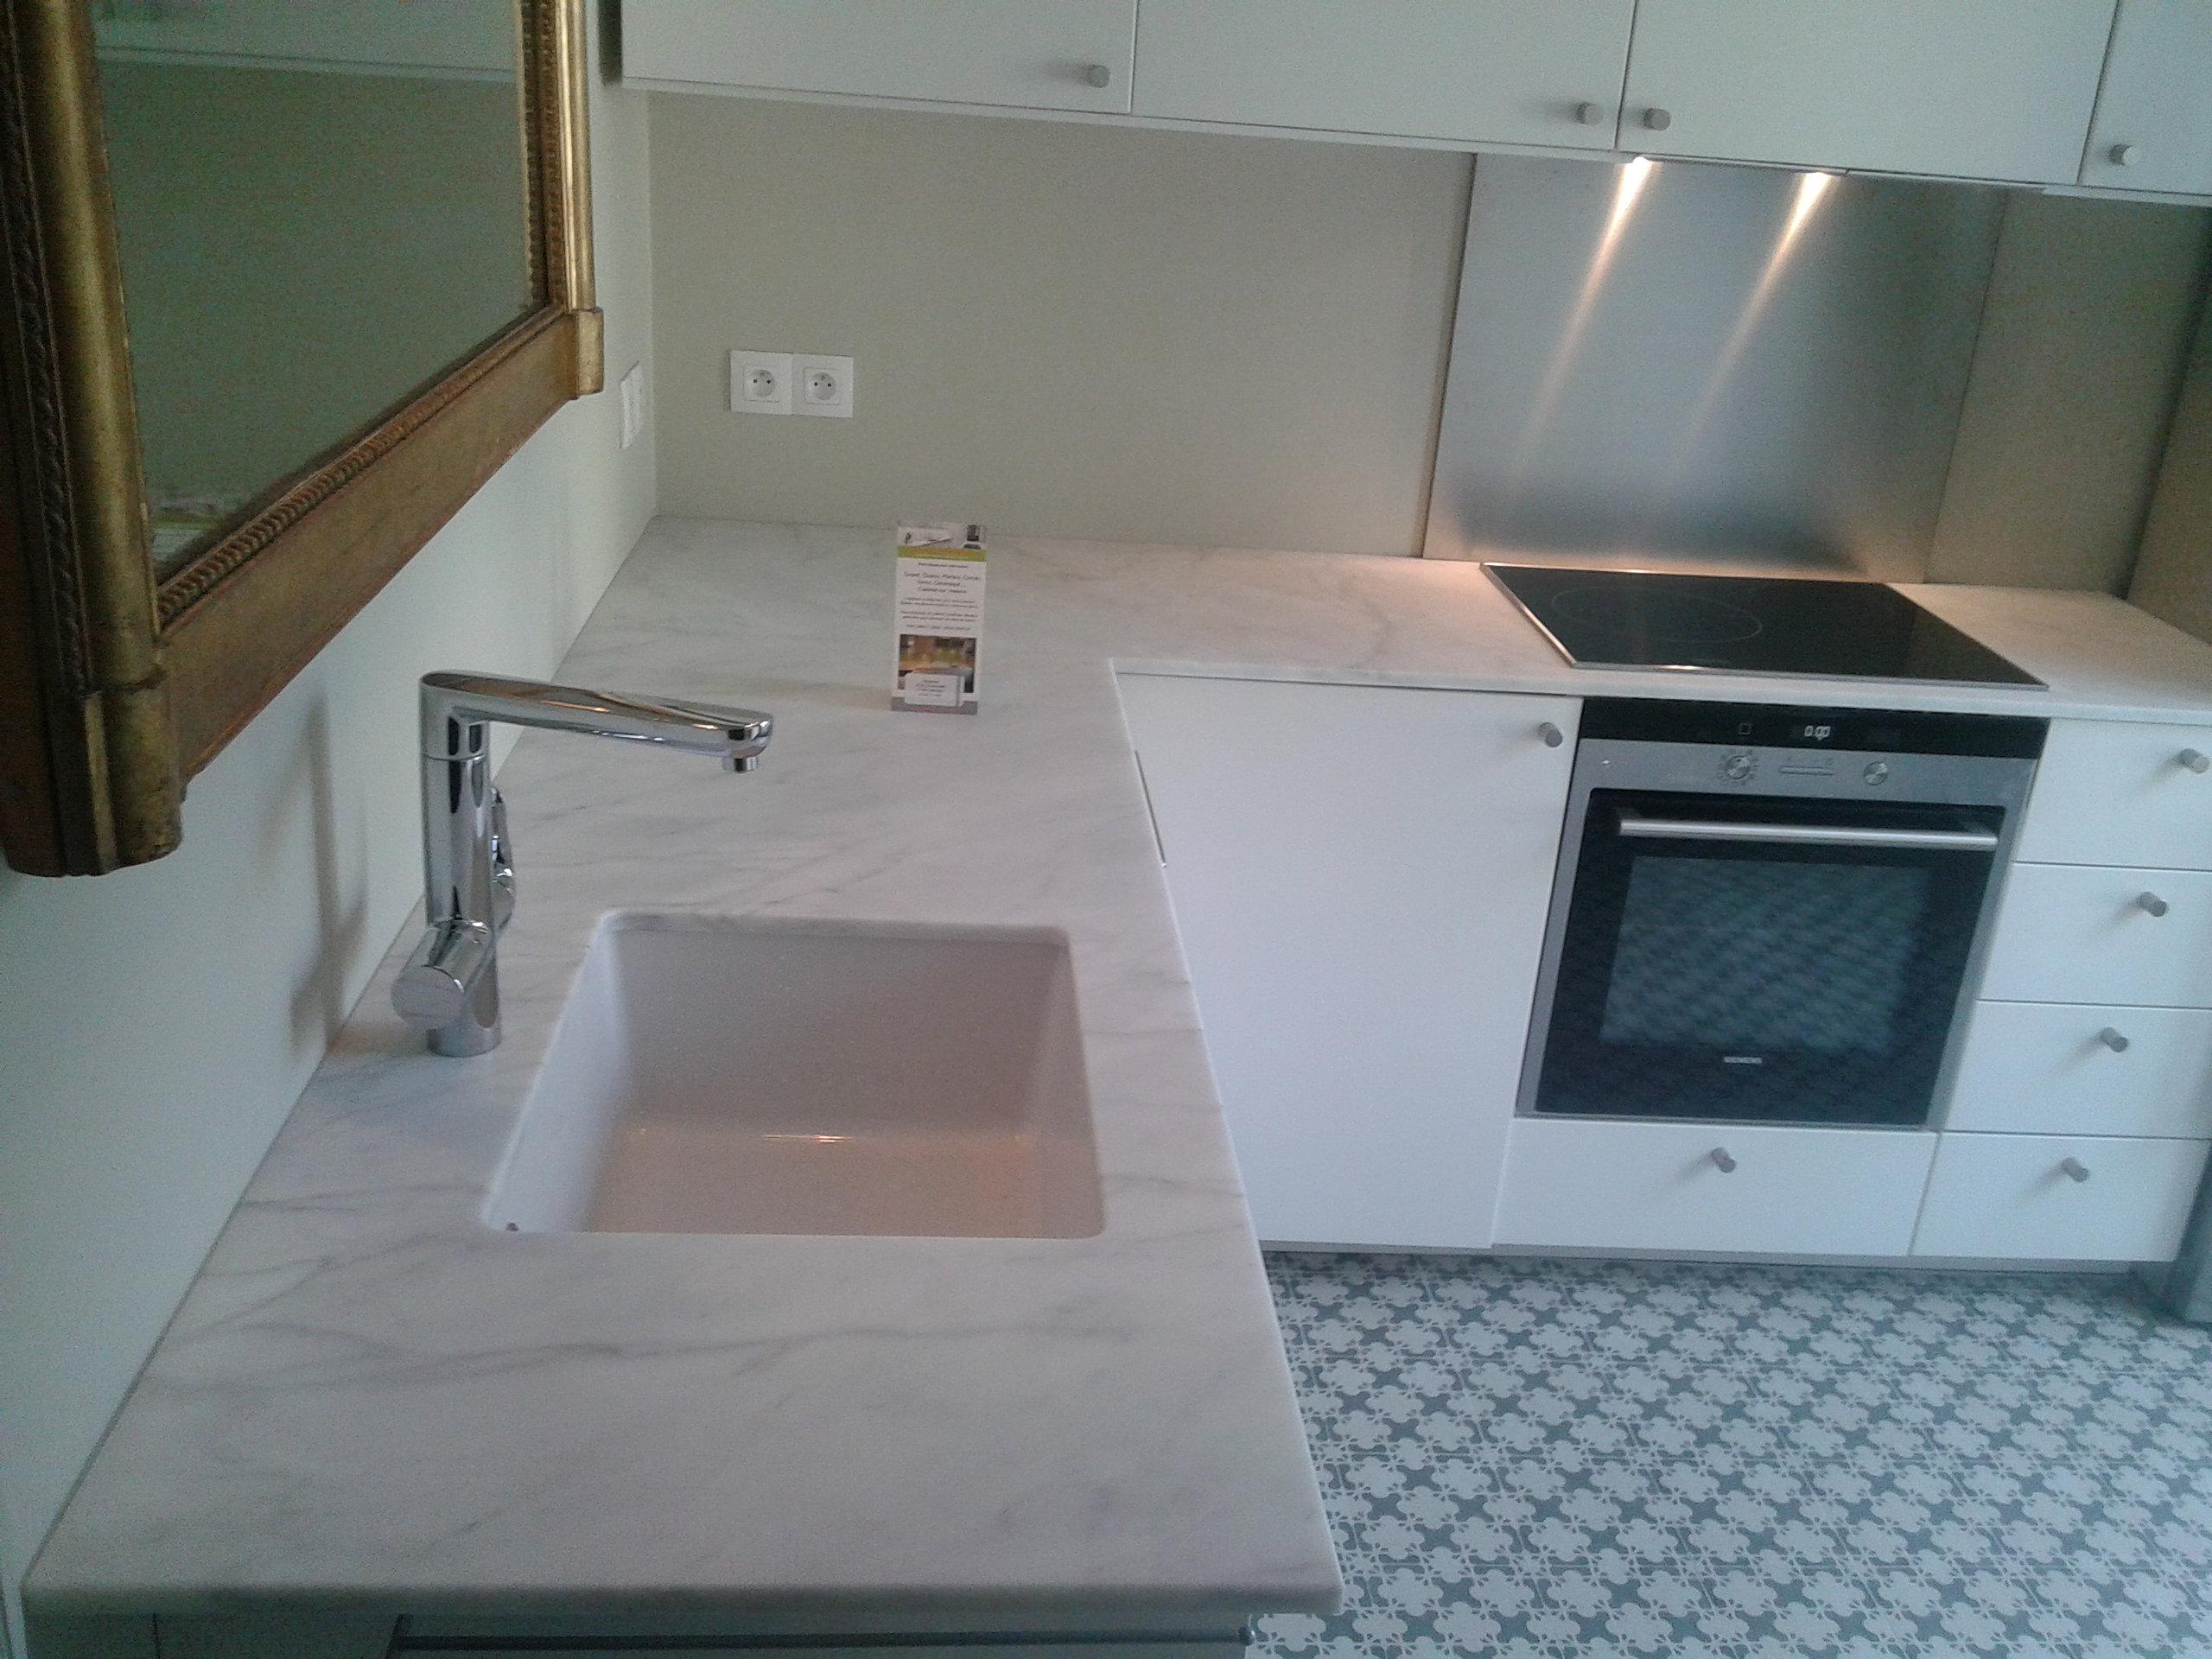 plan de travail granit quartz table en mabre paris essonne marbre carrare cuisine et sdb. Black Bedroom Furniture Sets. Home Design Ideas